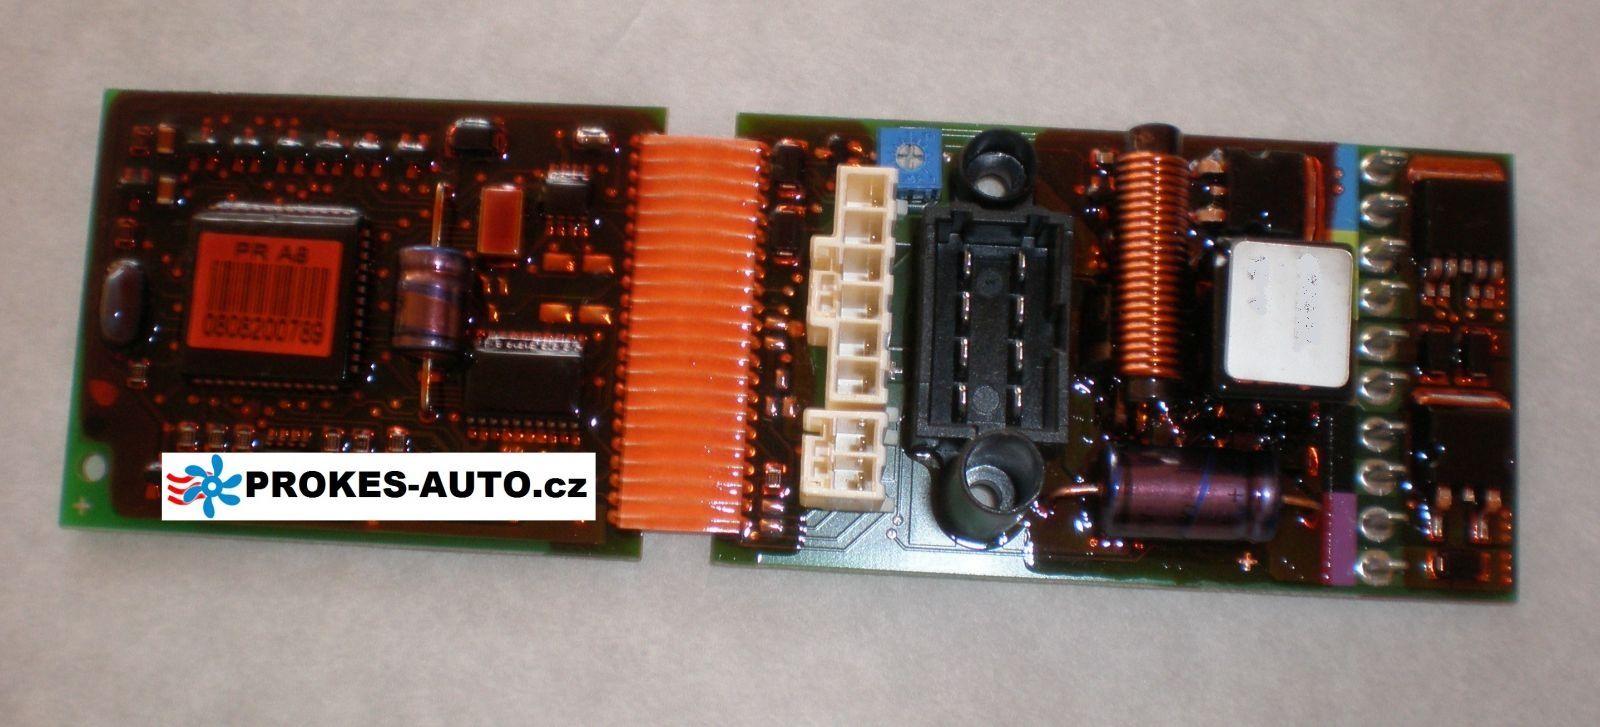 Webasto riadiaca jednotka Air top 2000 / S 24V diesel 9005012